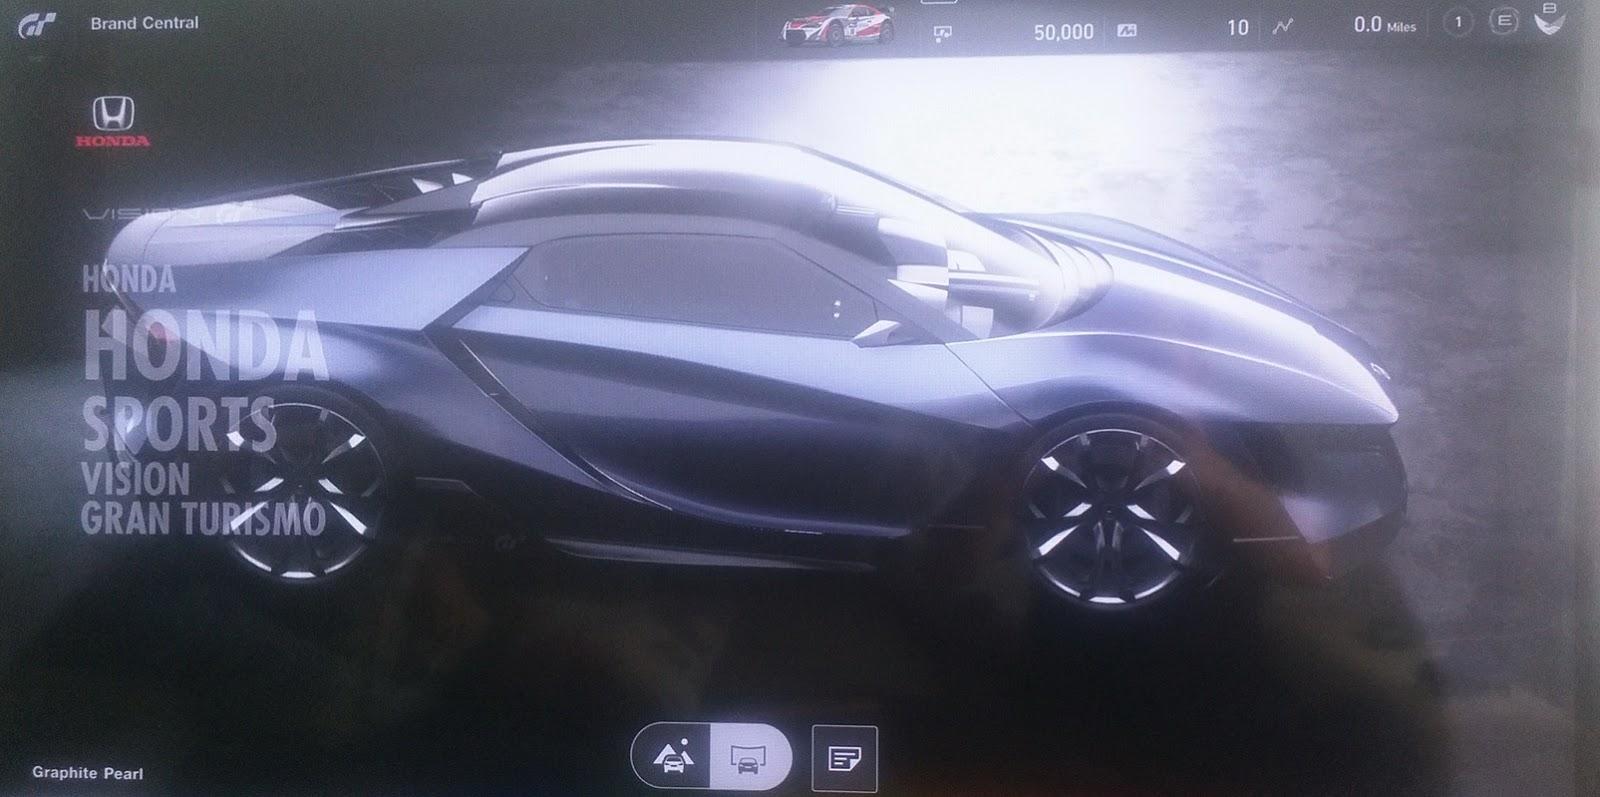 honda-sports-vision-gt-leak-2